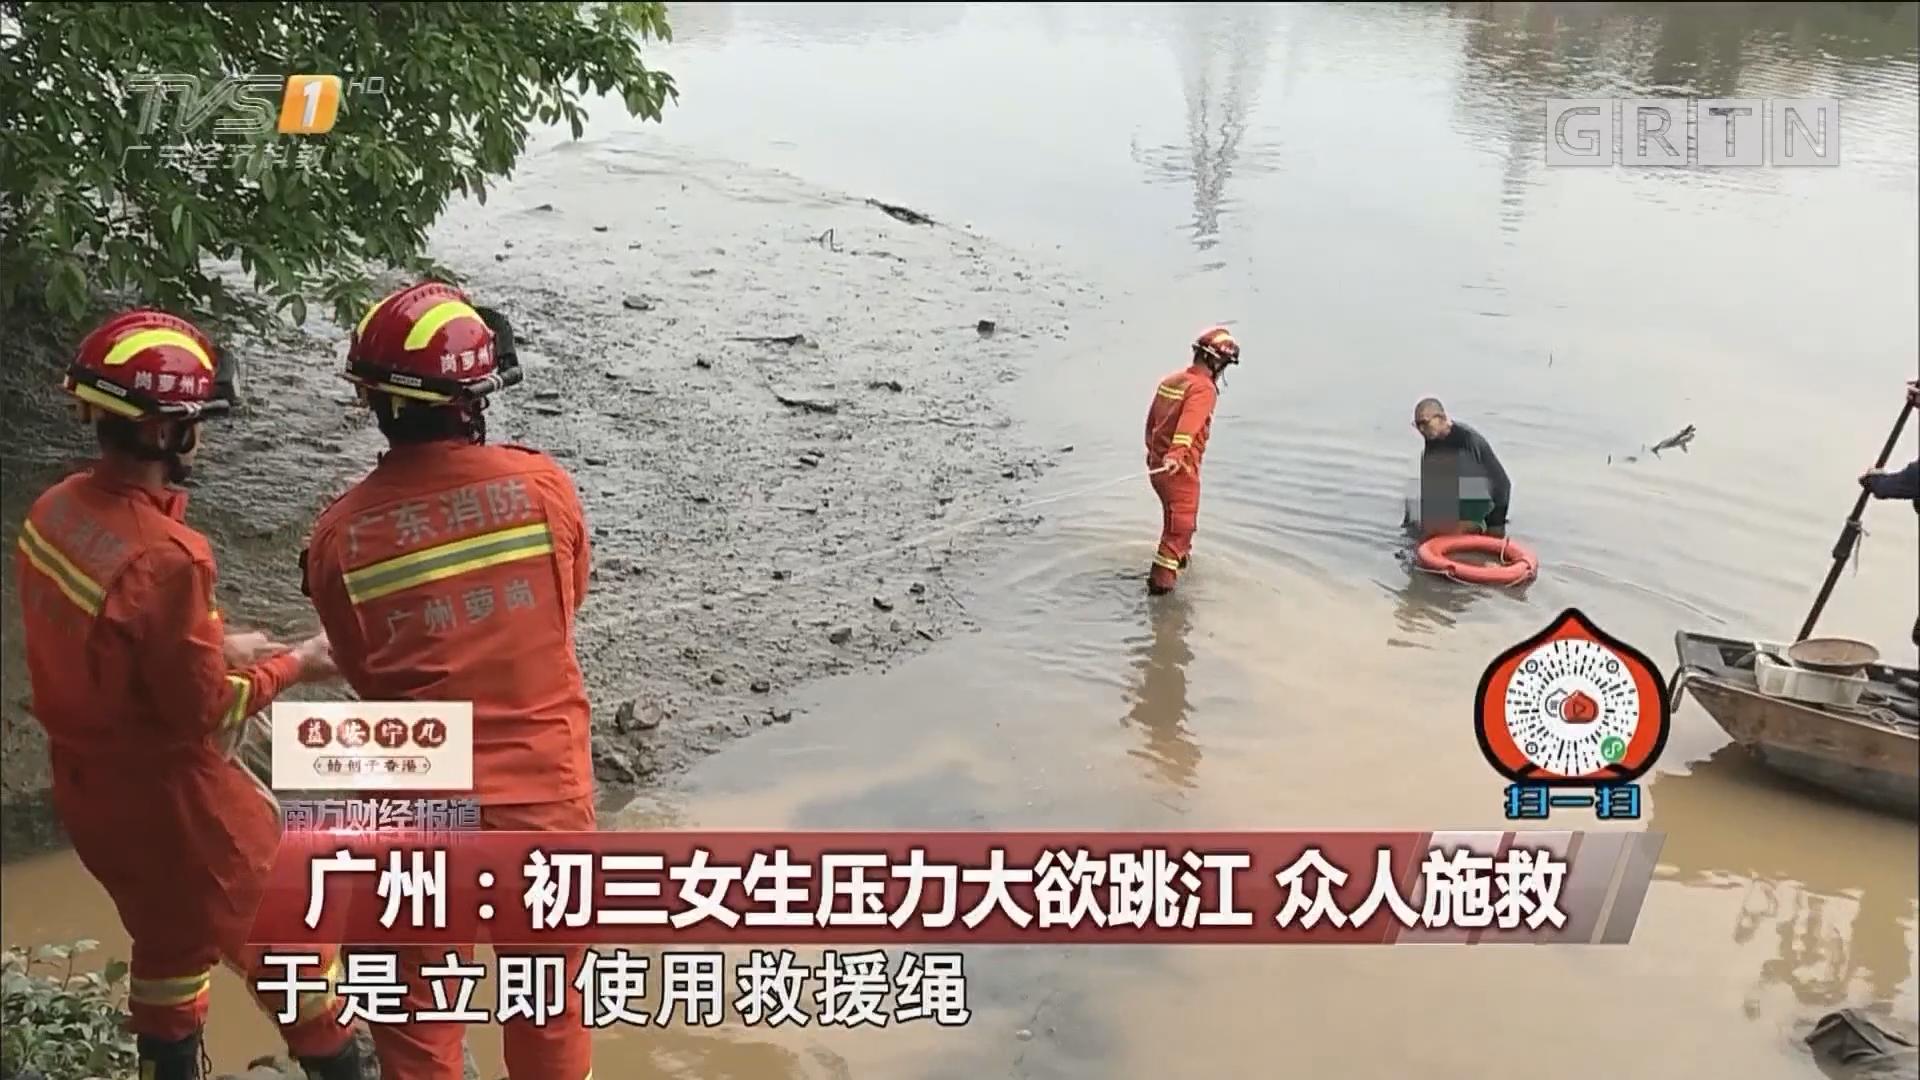 广州:初三女生压力大欲跳江 众人施救